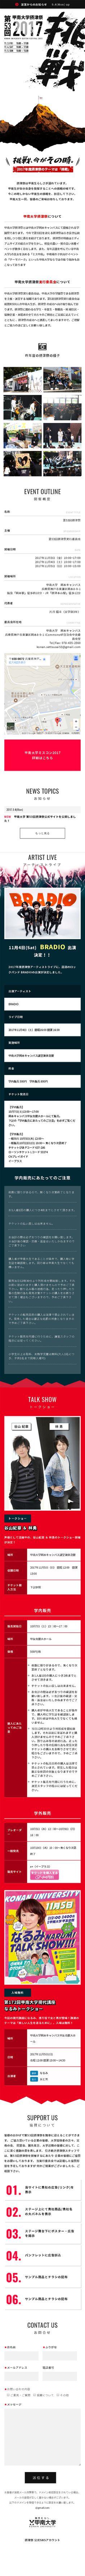 甲南大学様の「甲南大学」のランディングページ(LP)かっこいい系|イベント・キャンペーン・体験